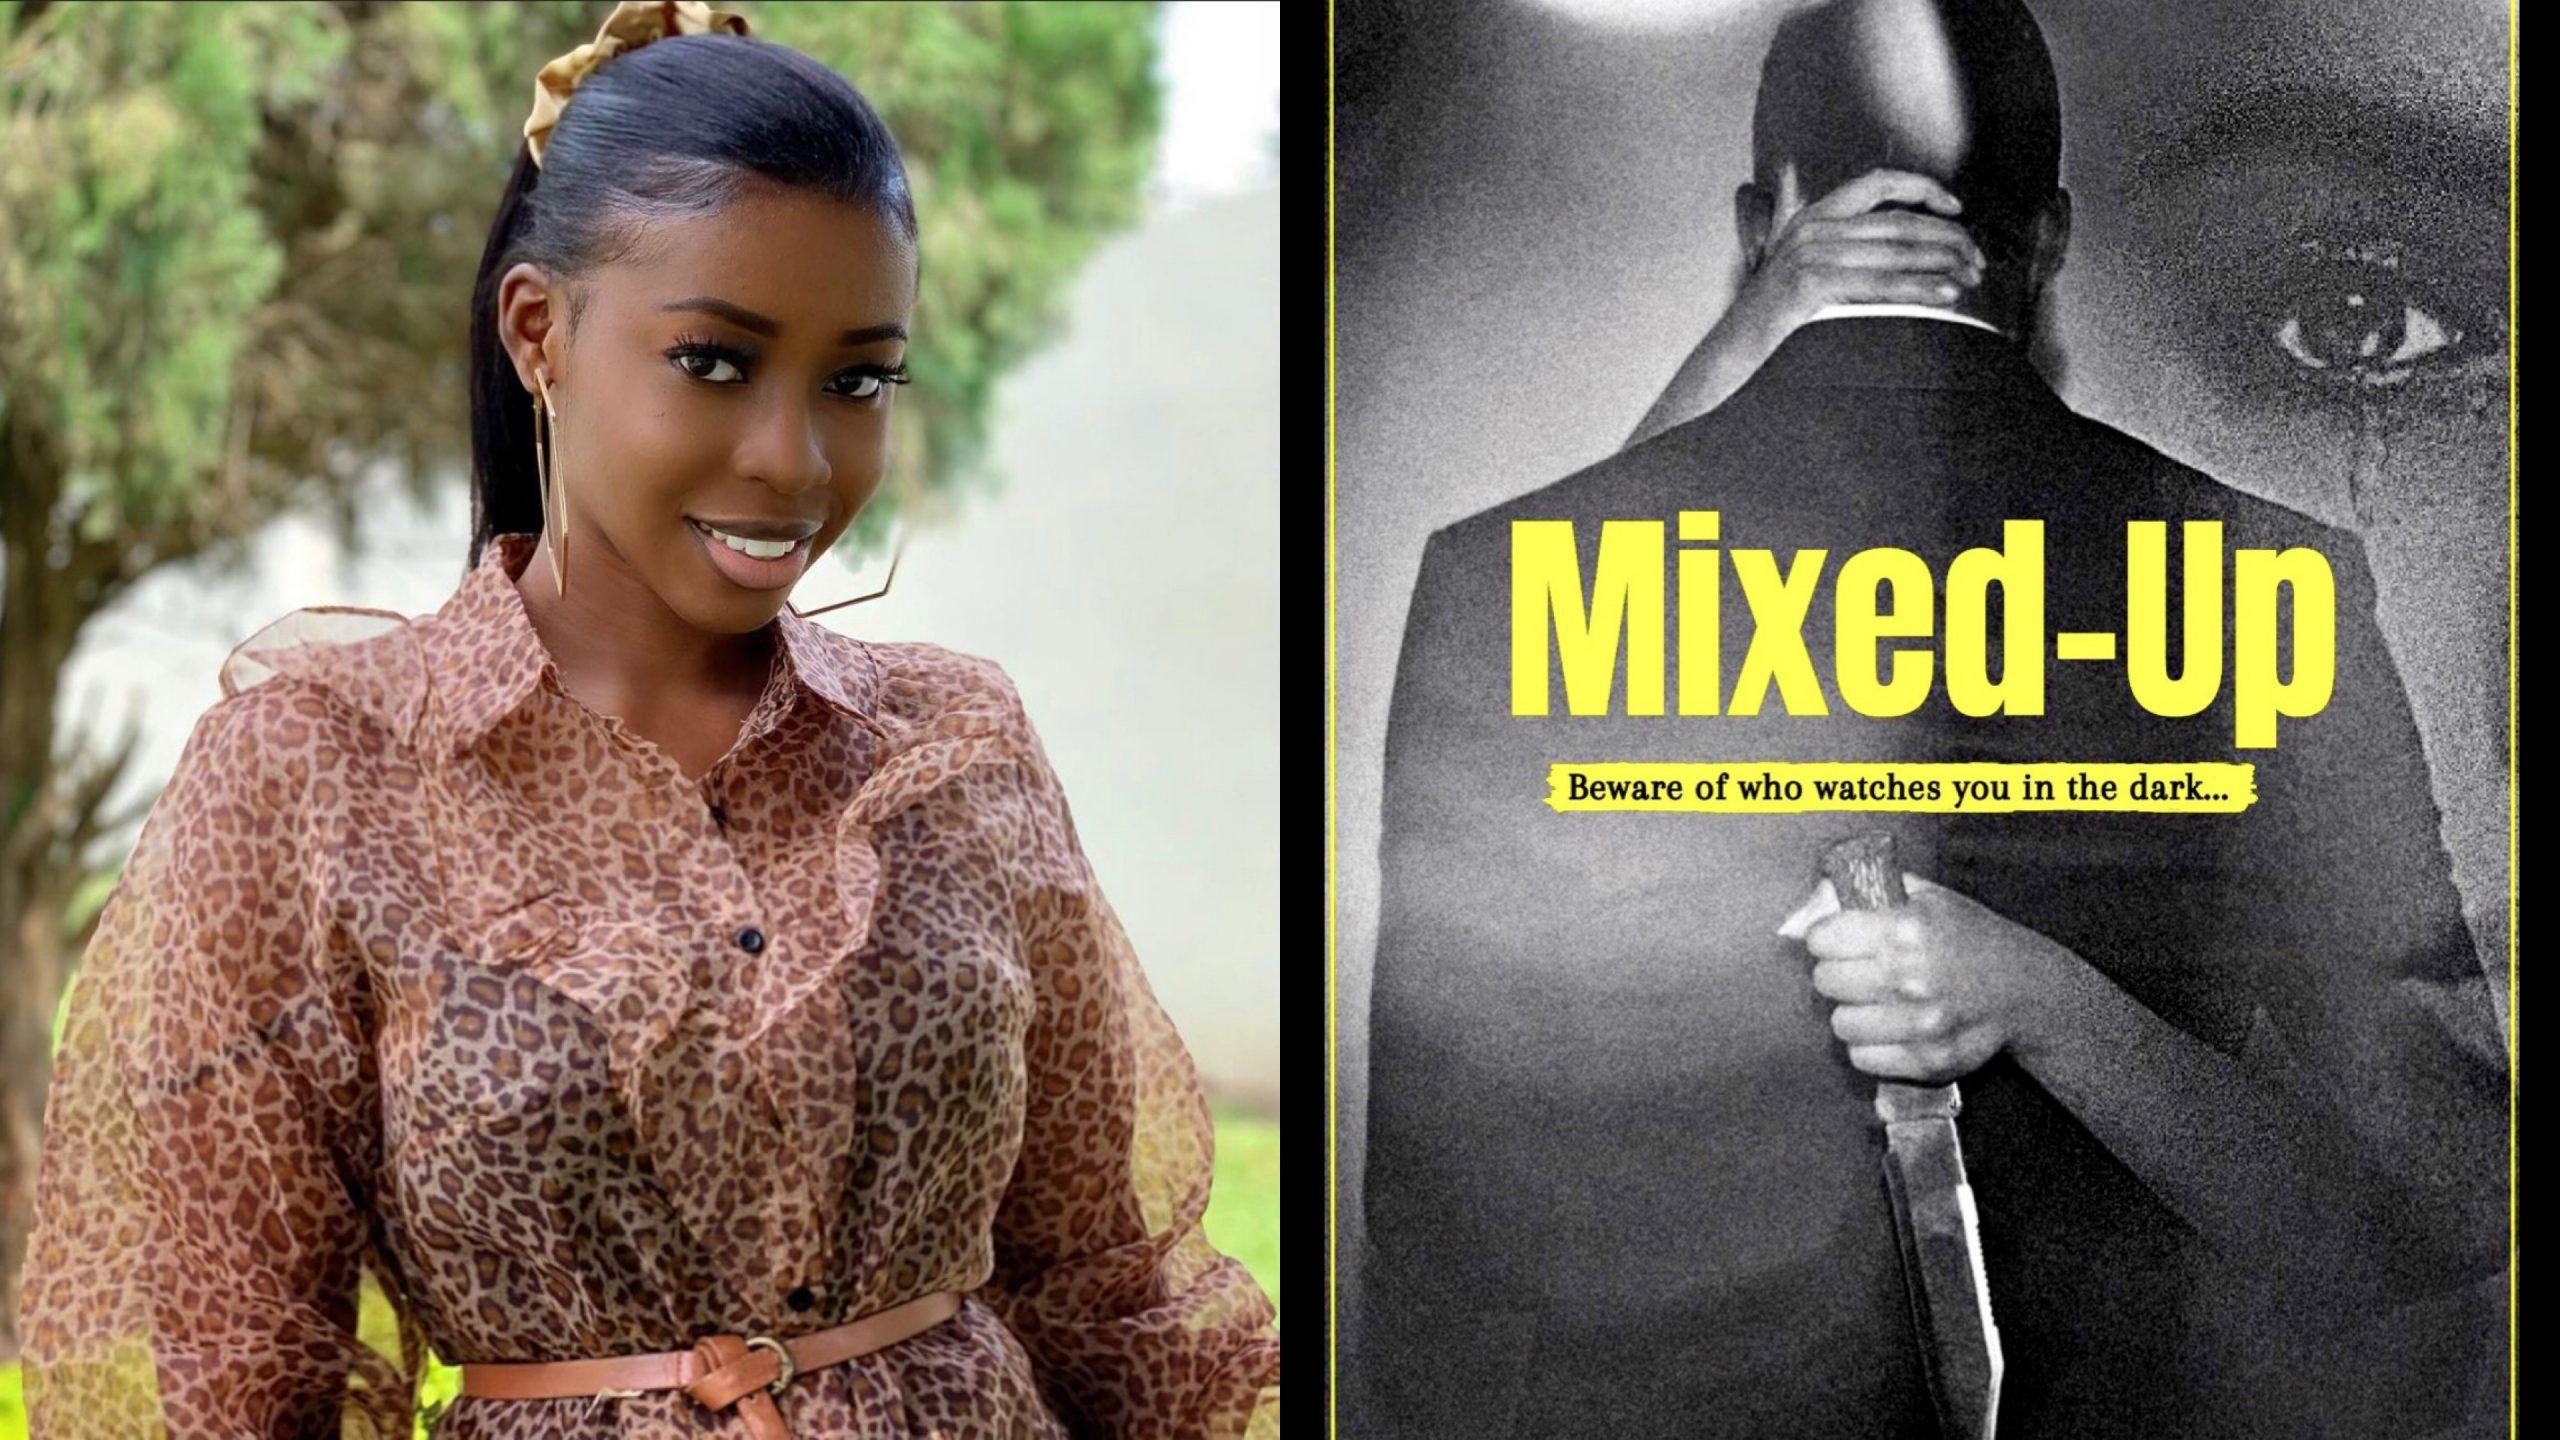 'Mixed Up' – Adwoa A. Amoako Adjei's Writing Debut